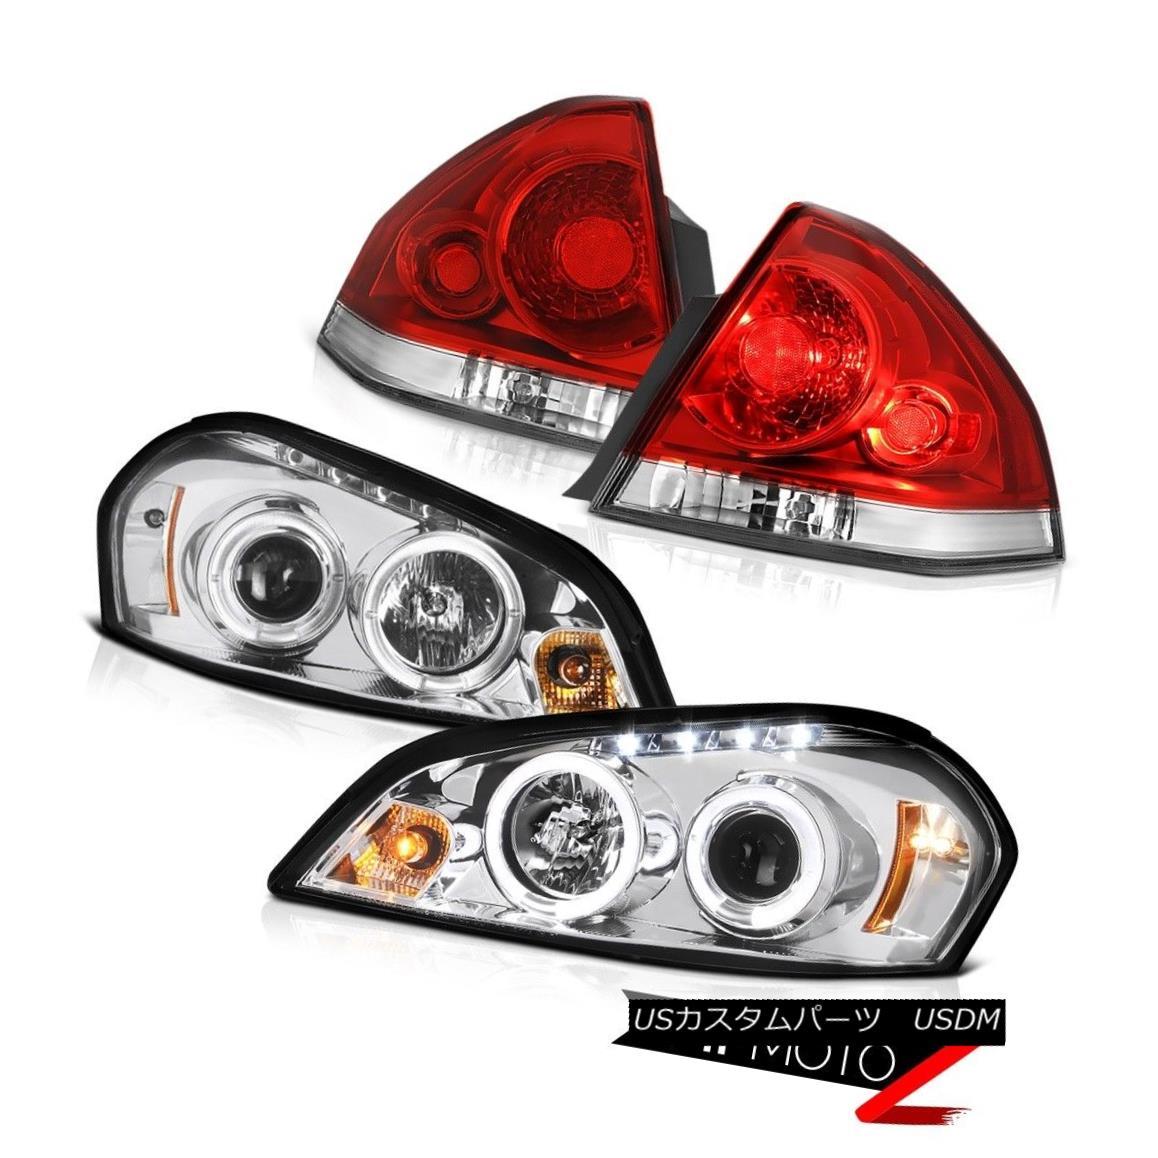 テールライト 06 07 08 09 10 11 12 13 CHEVY IMPALA LT Taillamps projector headlights OE Style 06 07 08 09 10 11 12 13 CHEVY IMPALA LT TaillampsプロジェクターヘッドライトOEスタイル